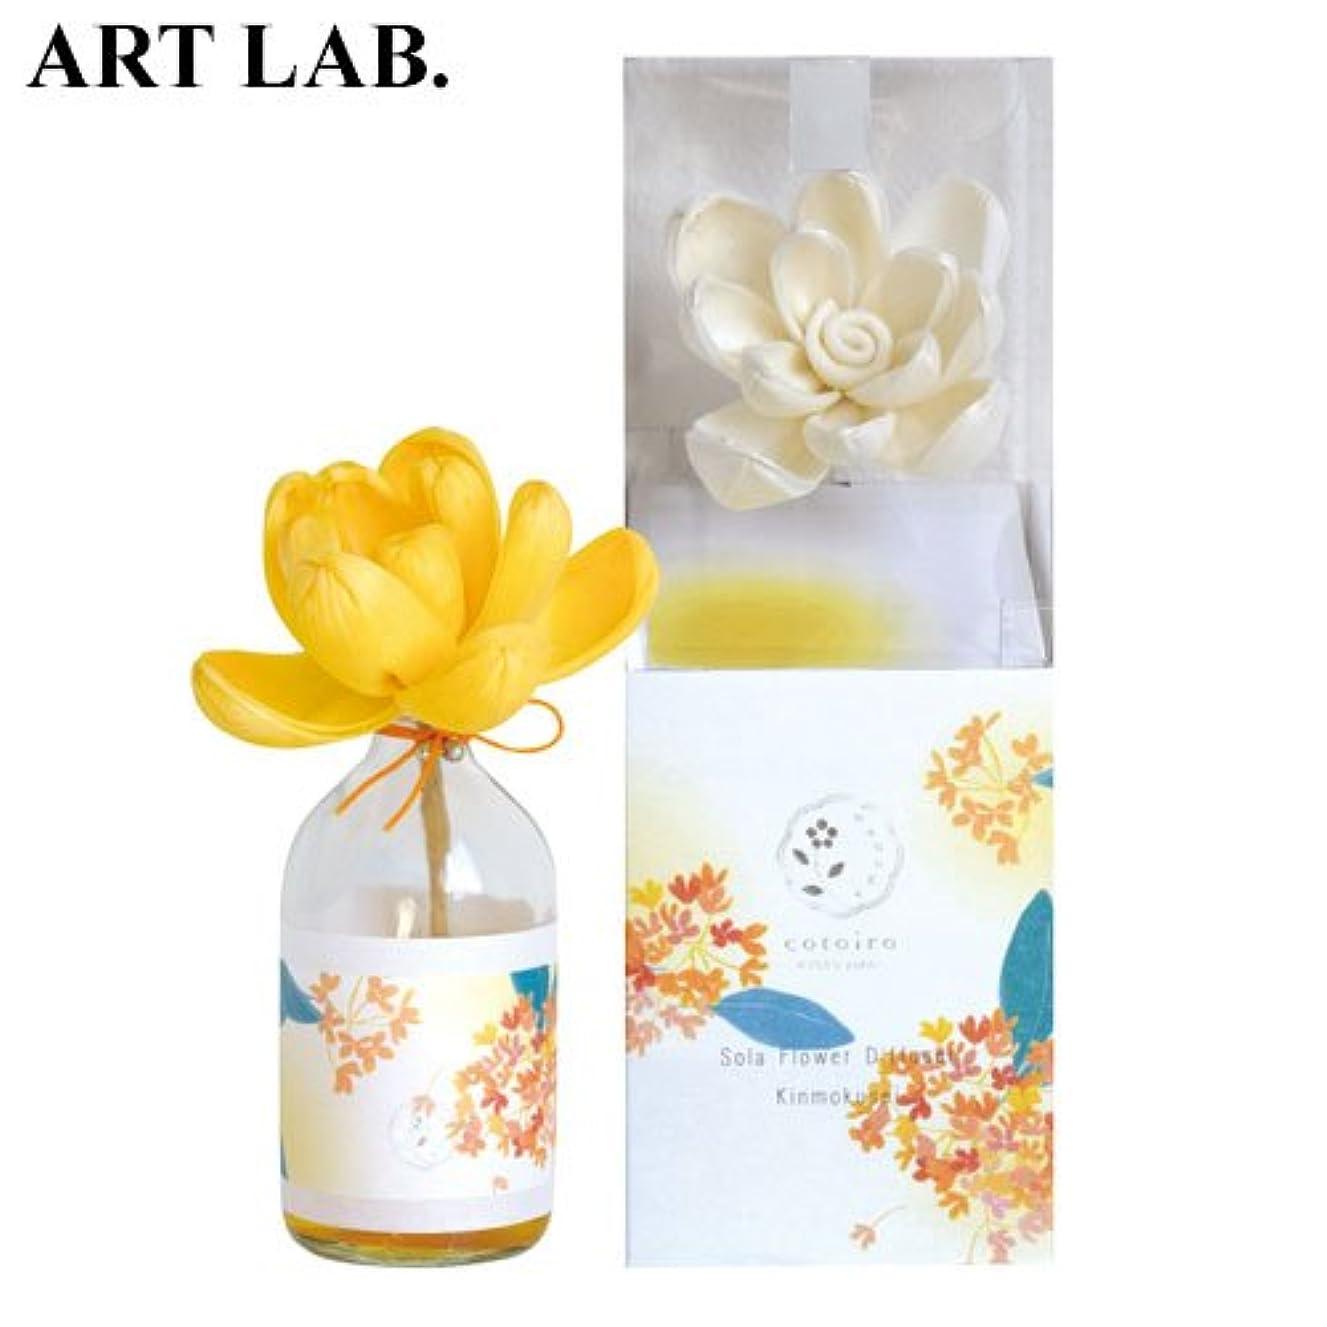 突進摂動たっぷりwanokaソラフラワーディフューザー金木犀《果実のような甘い香り》ART LABAroma Diffuser